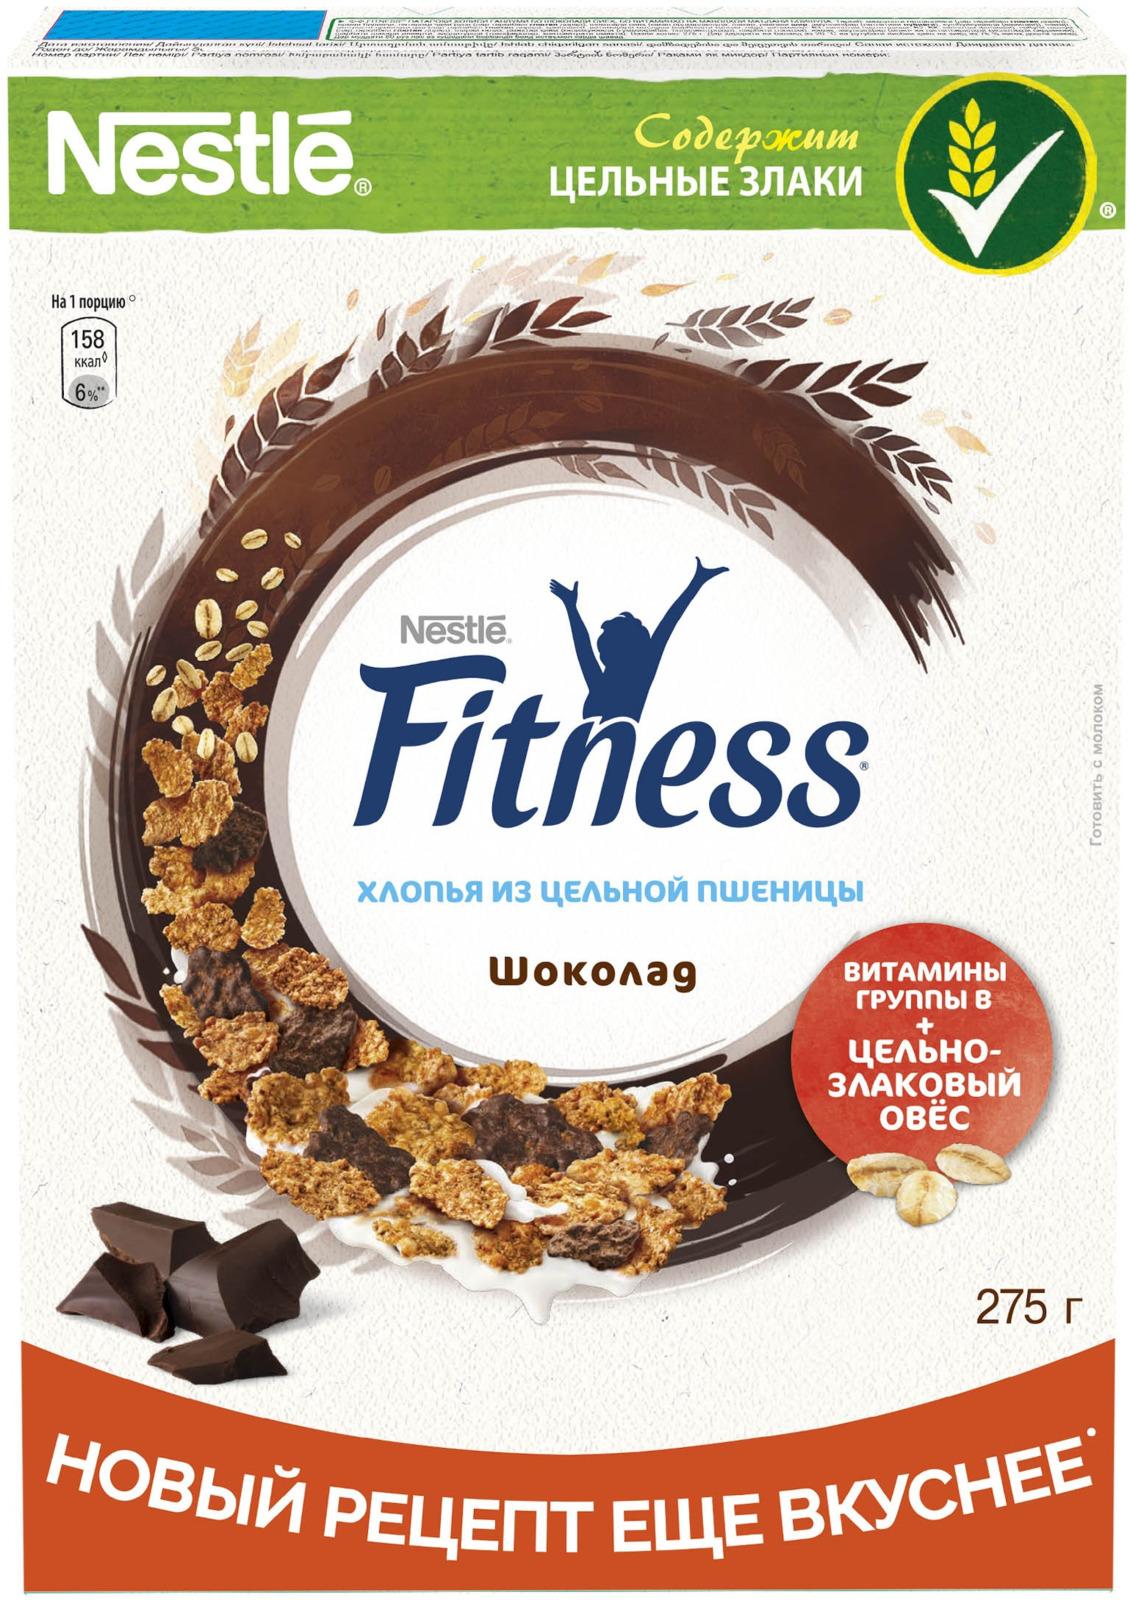 Фото - Nestle Fitness Хлопья с темным шоколадом готовый завтрак, 275 г nestle fitness хлопья из цельной пшеницы готовый завтрак 250 г пакет